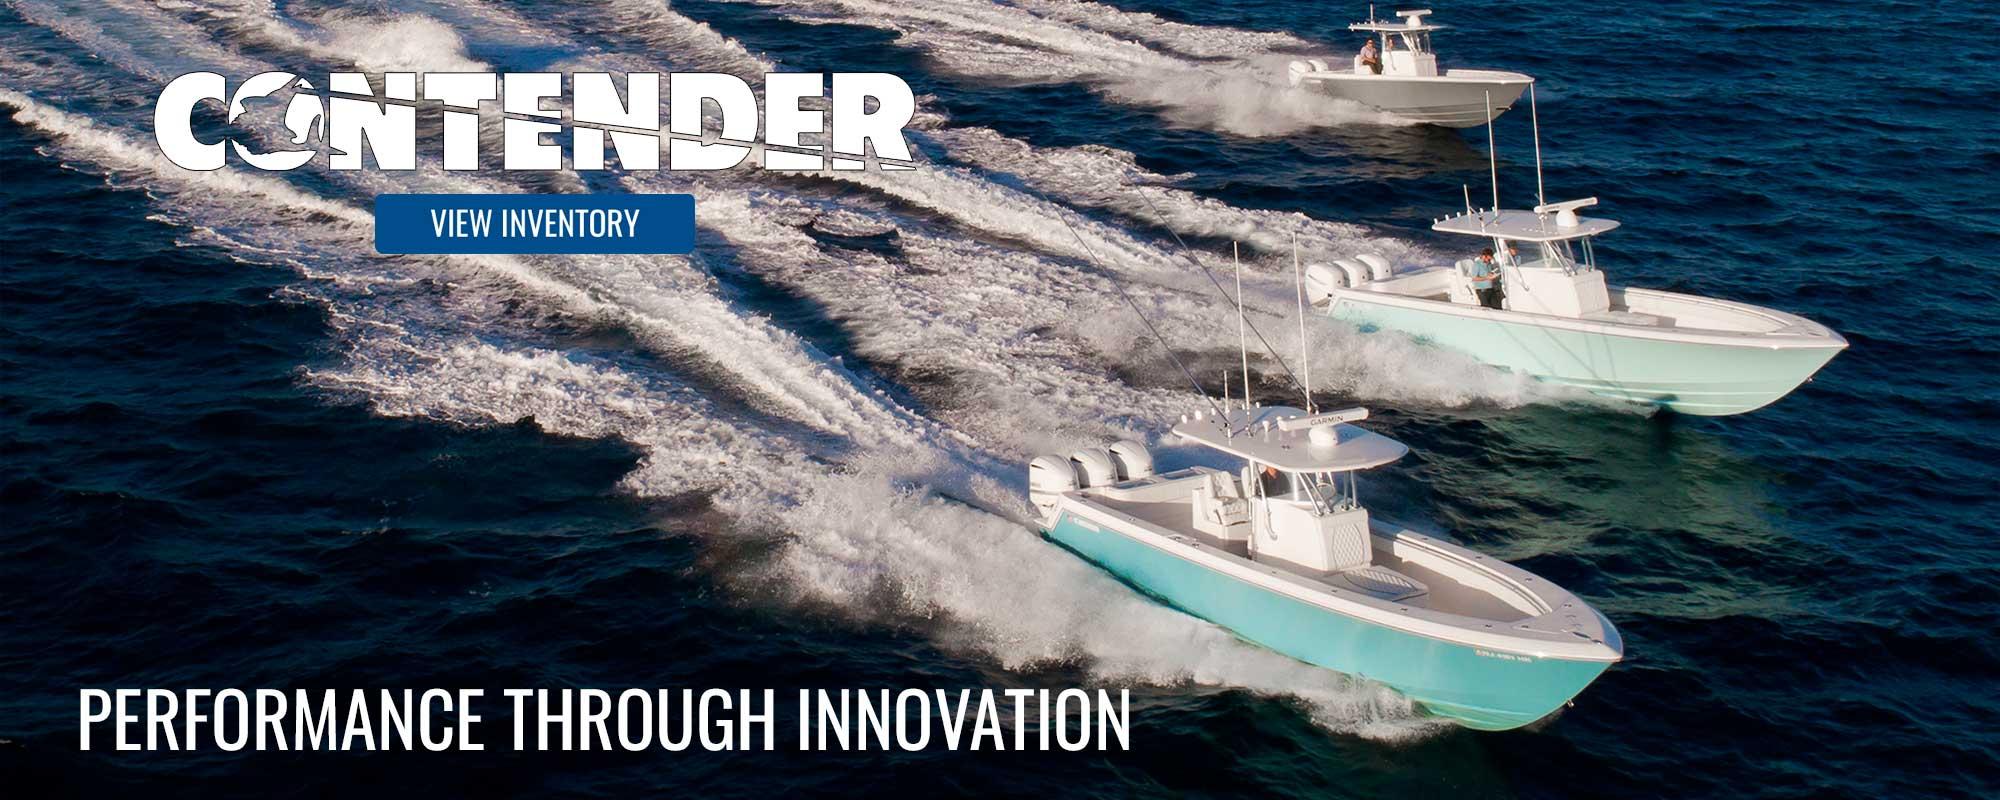 Contender boats fleet